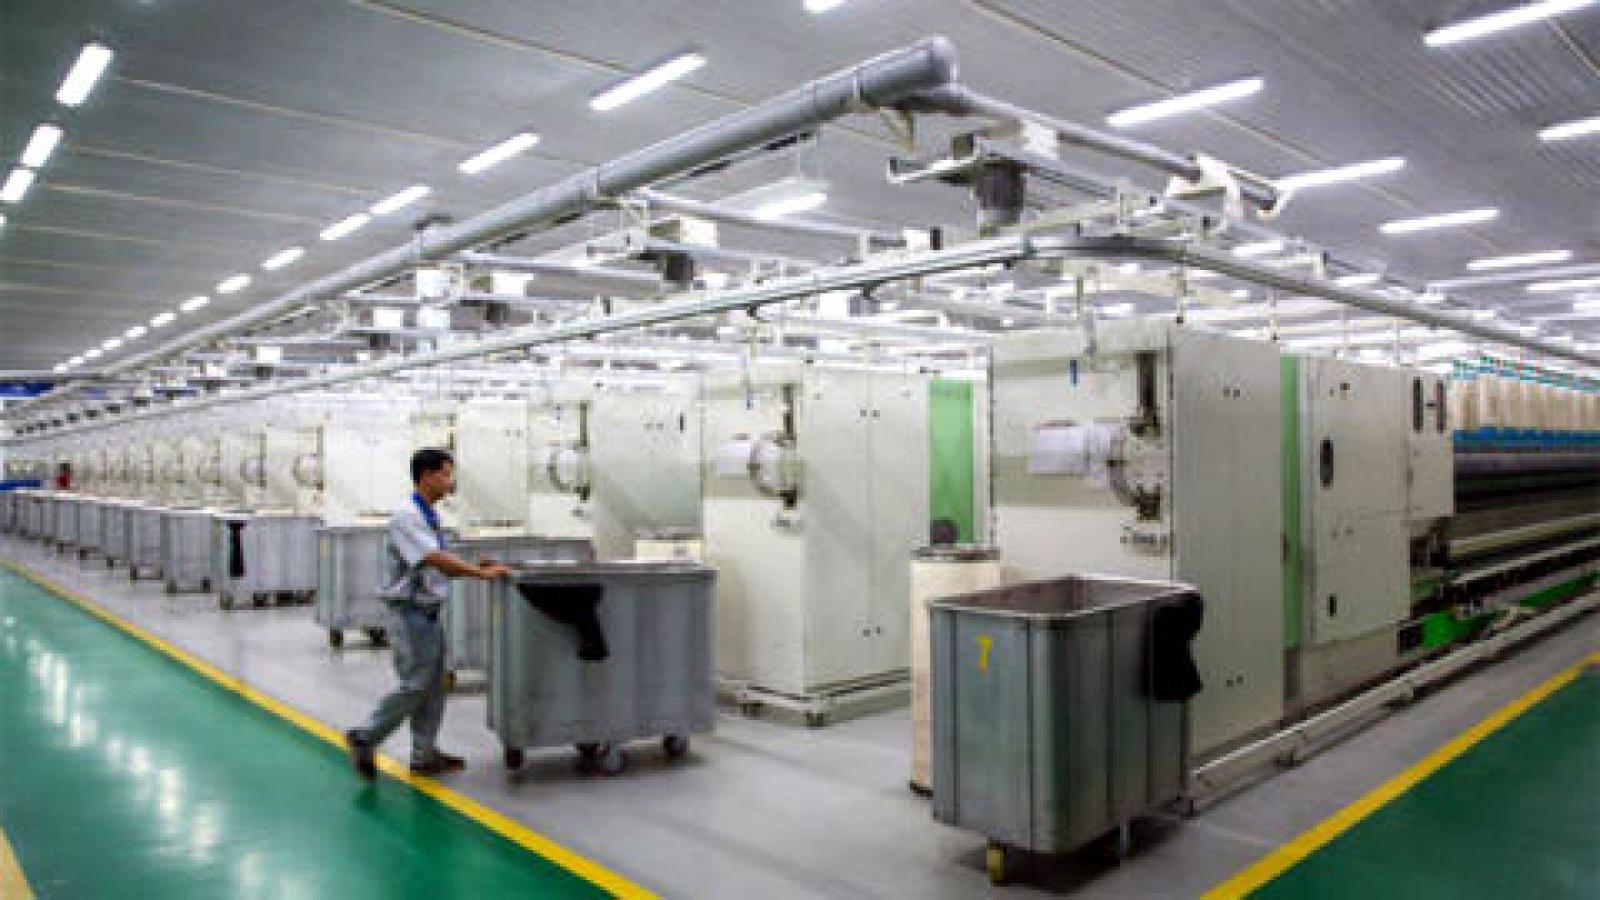 TPM giúp nâng cao năng suất thiết bị, chất lượng sản phẩm